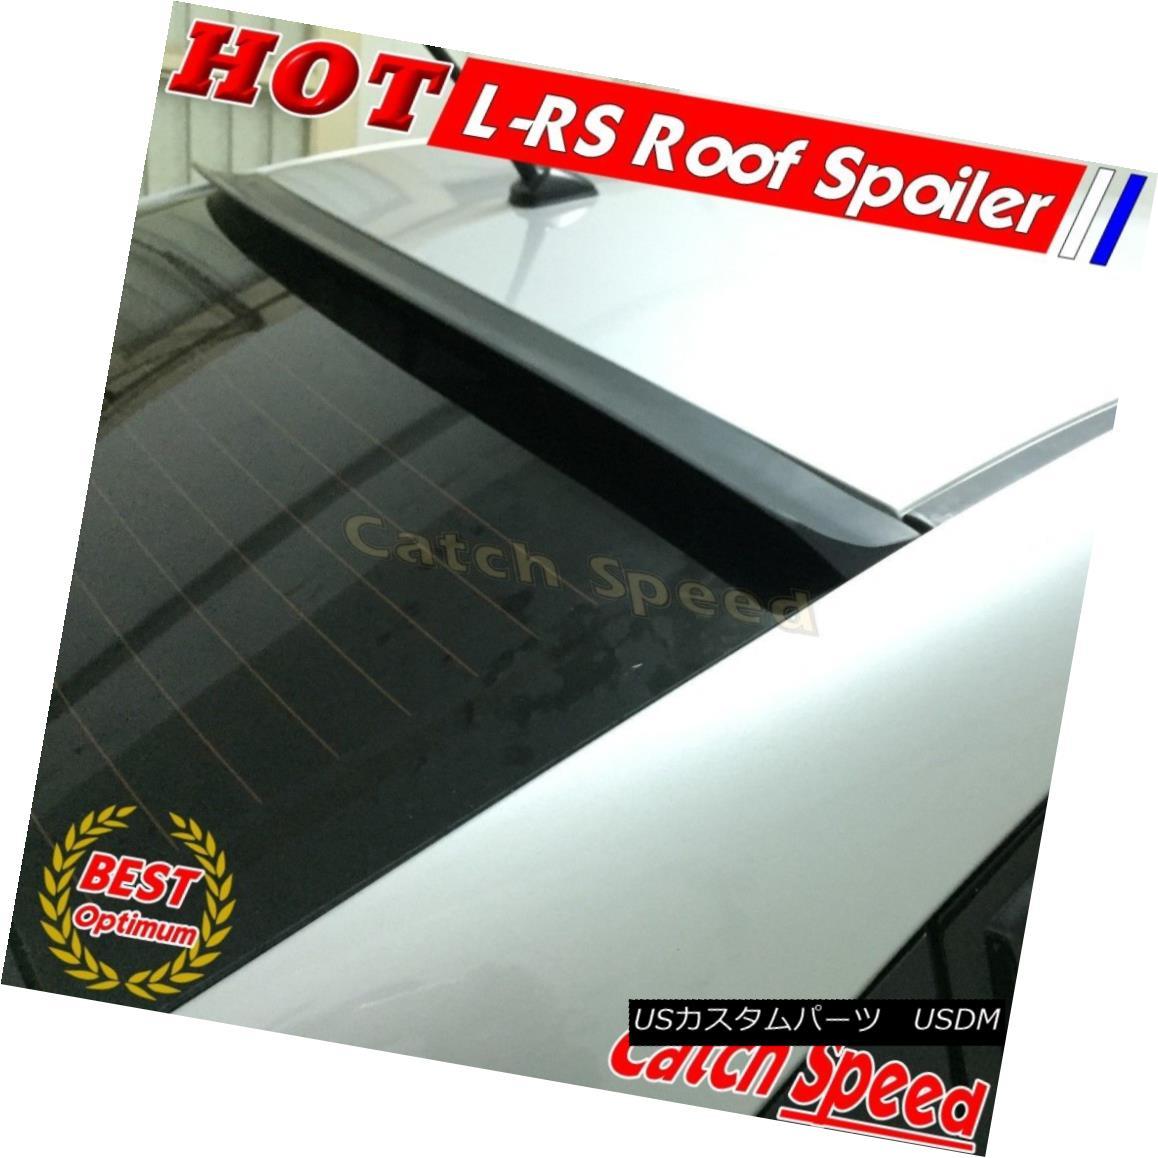 エアロパーツ Painted LRS Rear Roof Spoiler Wing For Hyundai Azera(US) 4th 2005-2011 Sedan ? 現代アゼラ(米国)のために塗装されたLRSリアルーフスポイラーウィング第4回2005年 - 2011年セダン?